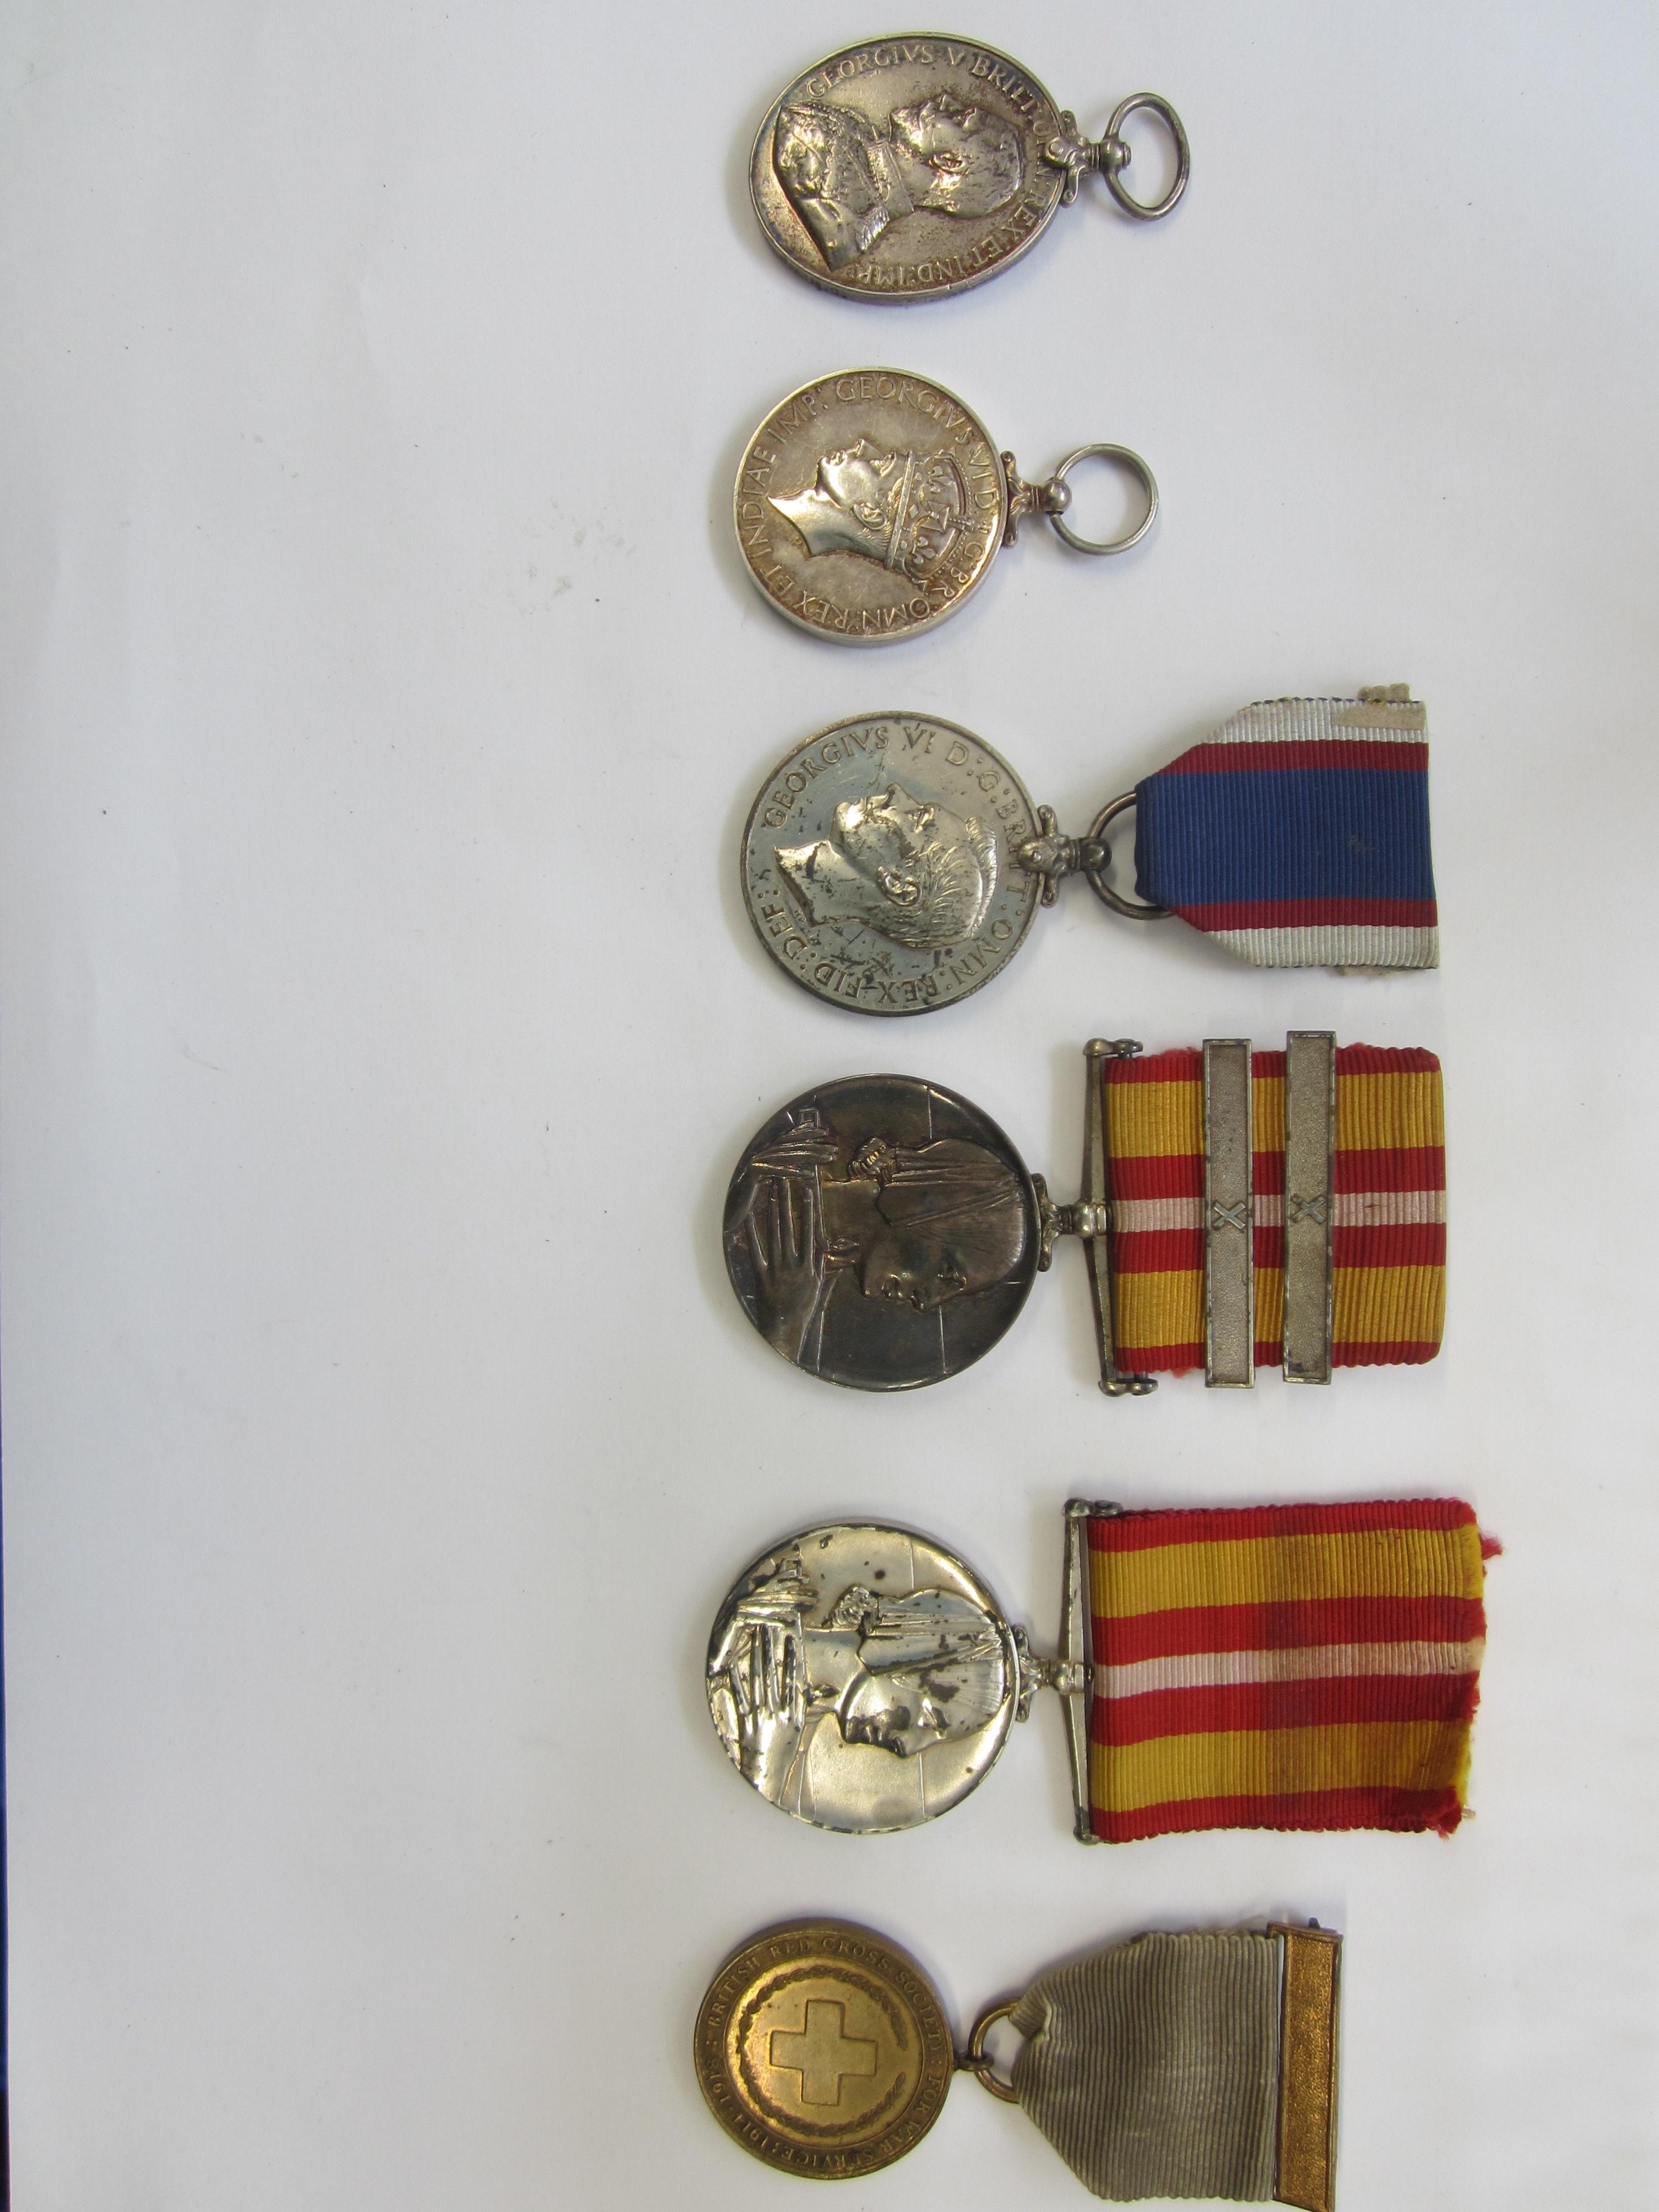 Territorial Force Efficiency Medal,